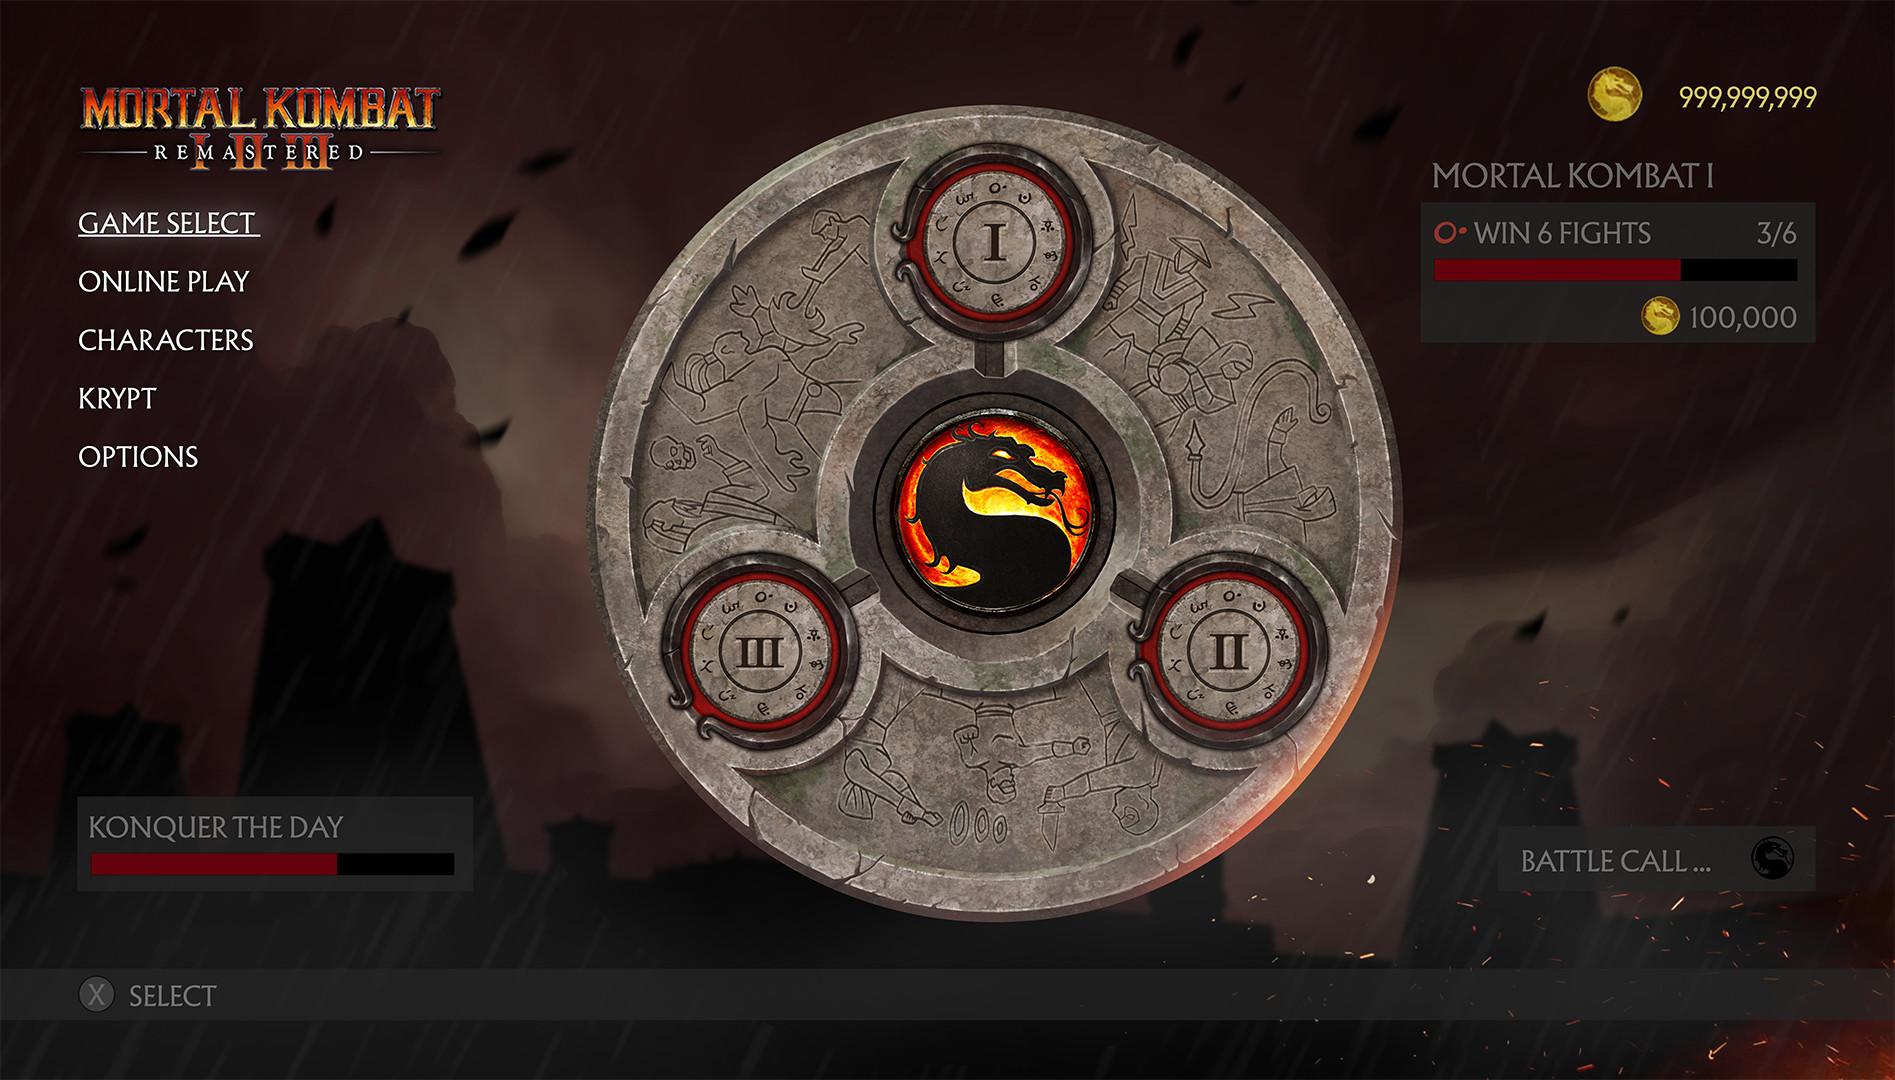 La maldición de Mortal Kombat: Hallada otra remasterización inacabada de la trilogía clásica